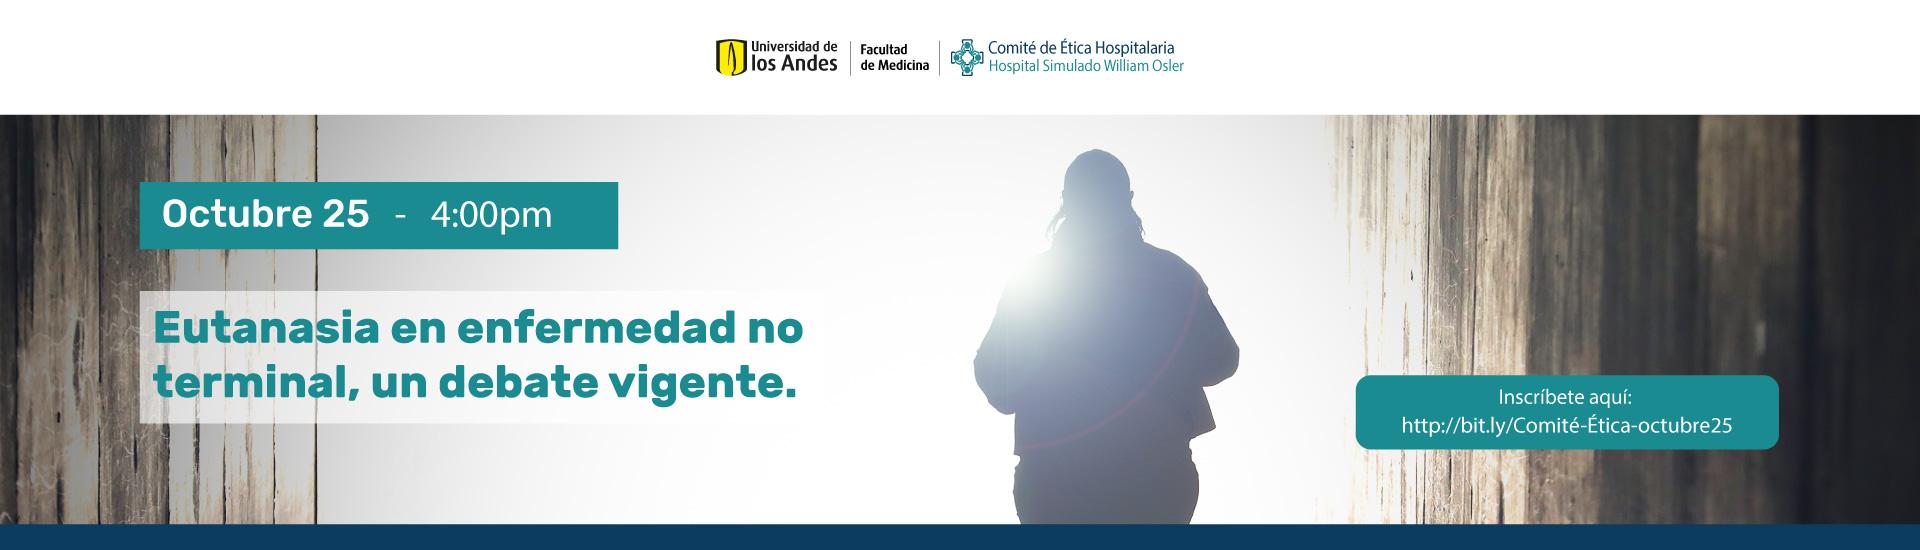 Eutanasia en enfermedad no terminal, un debate vigente.